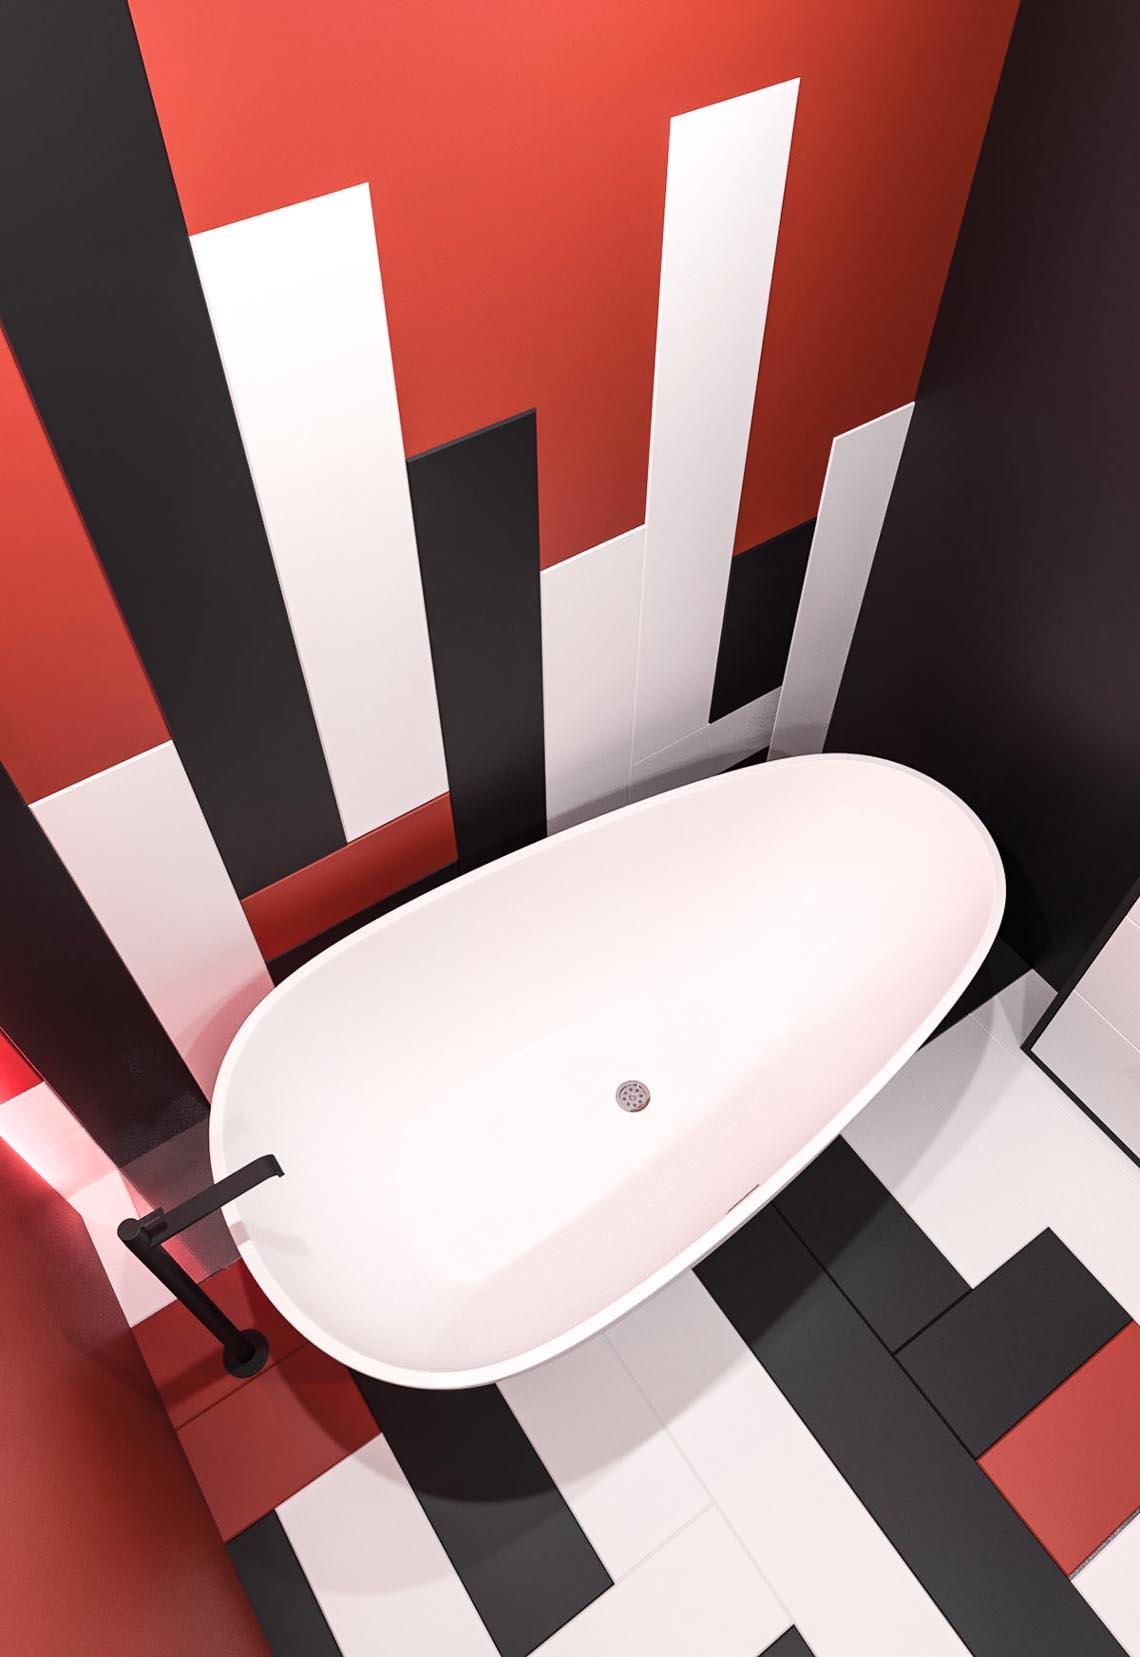 Thiết kế nội thất hiện đại với tông màu đỏ và xám theo phong cách Nhật Bản-12